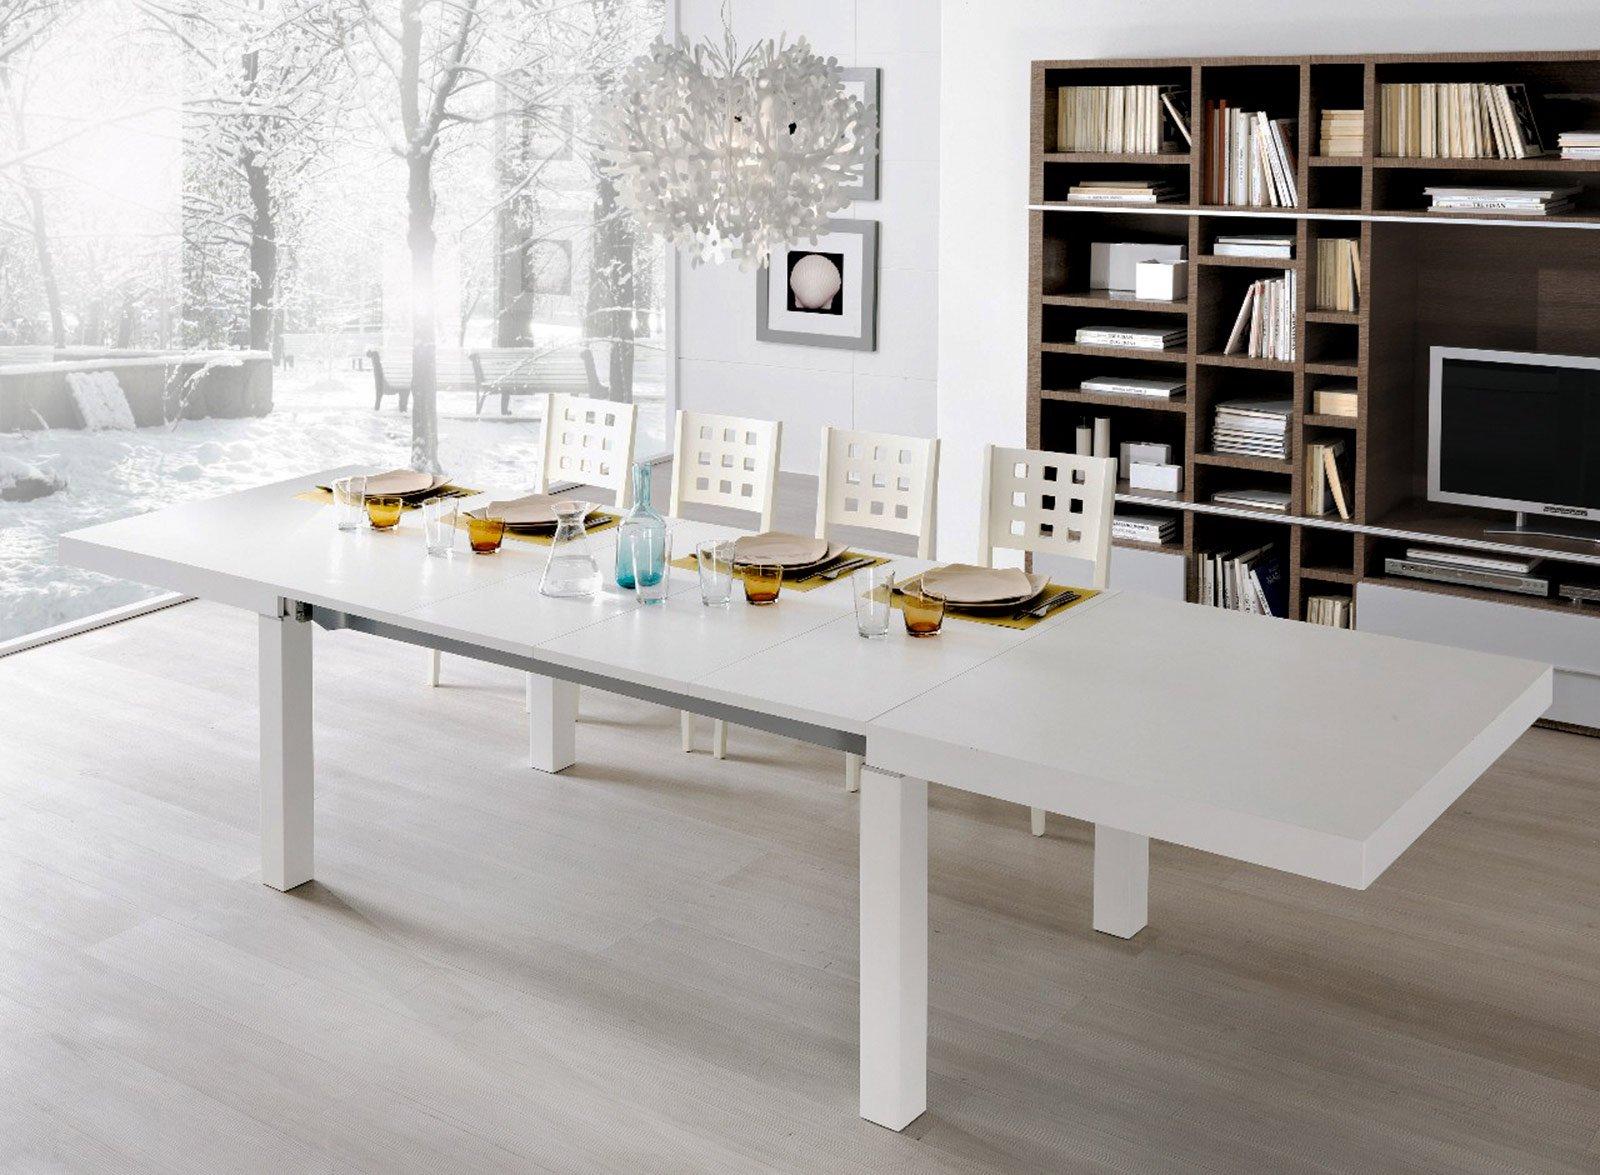 Il Tavolo, Un Modello Lineare In Legno Bianco, Ha La Particolarità Di Avere  4